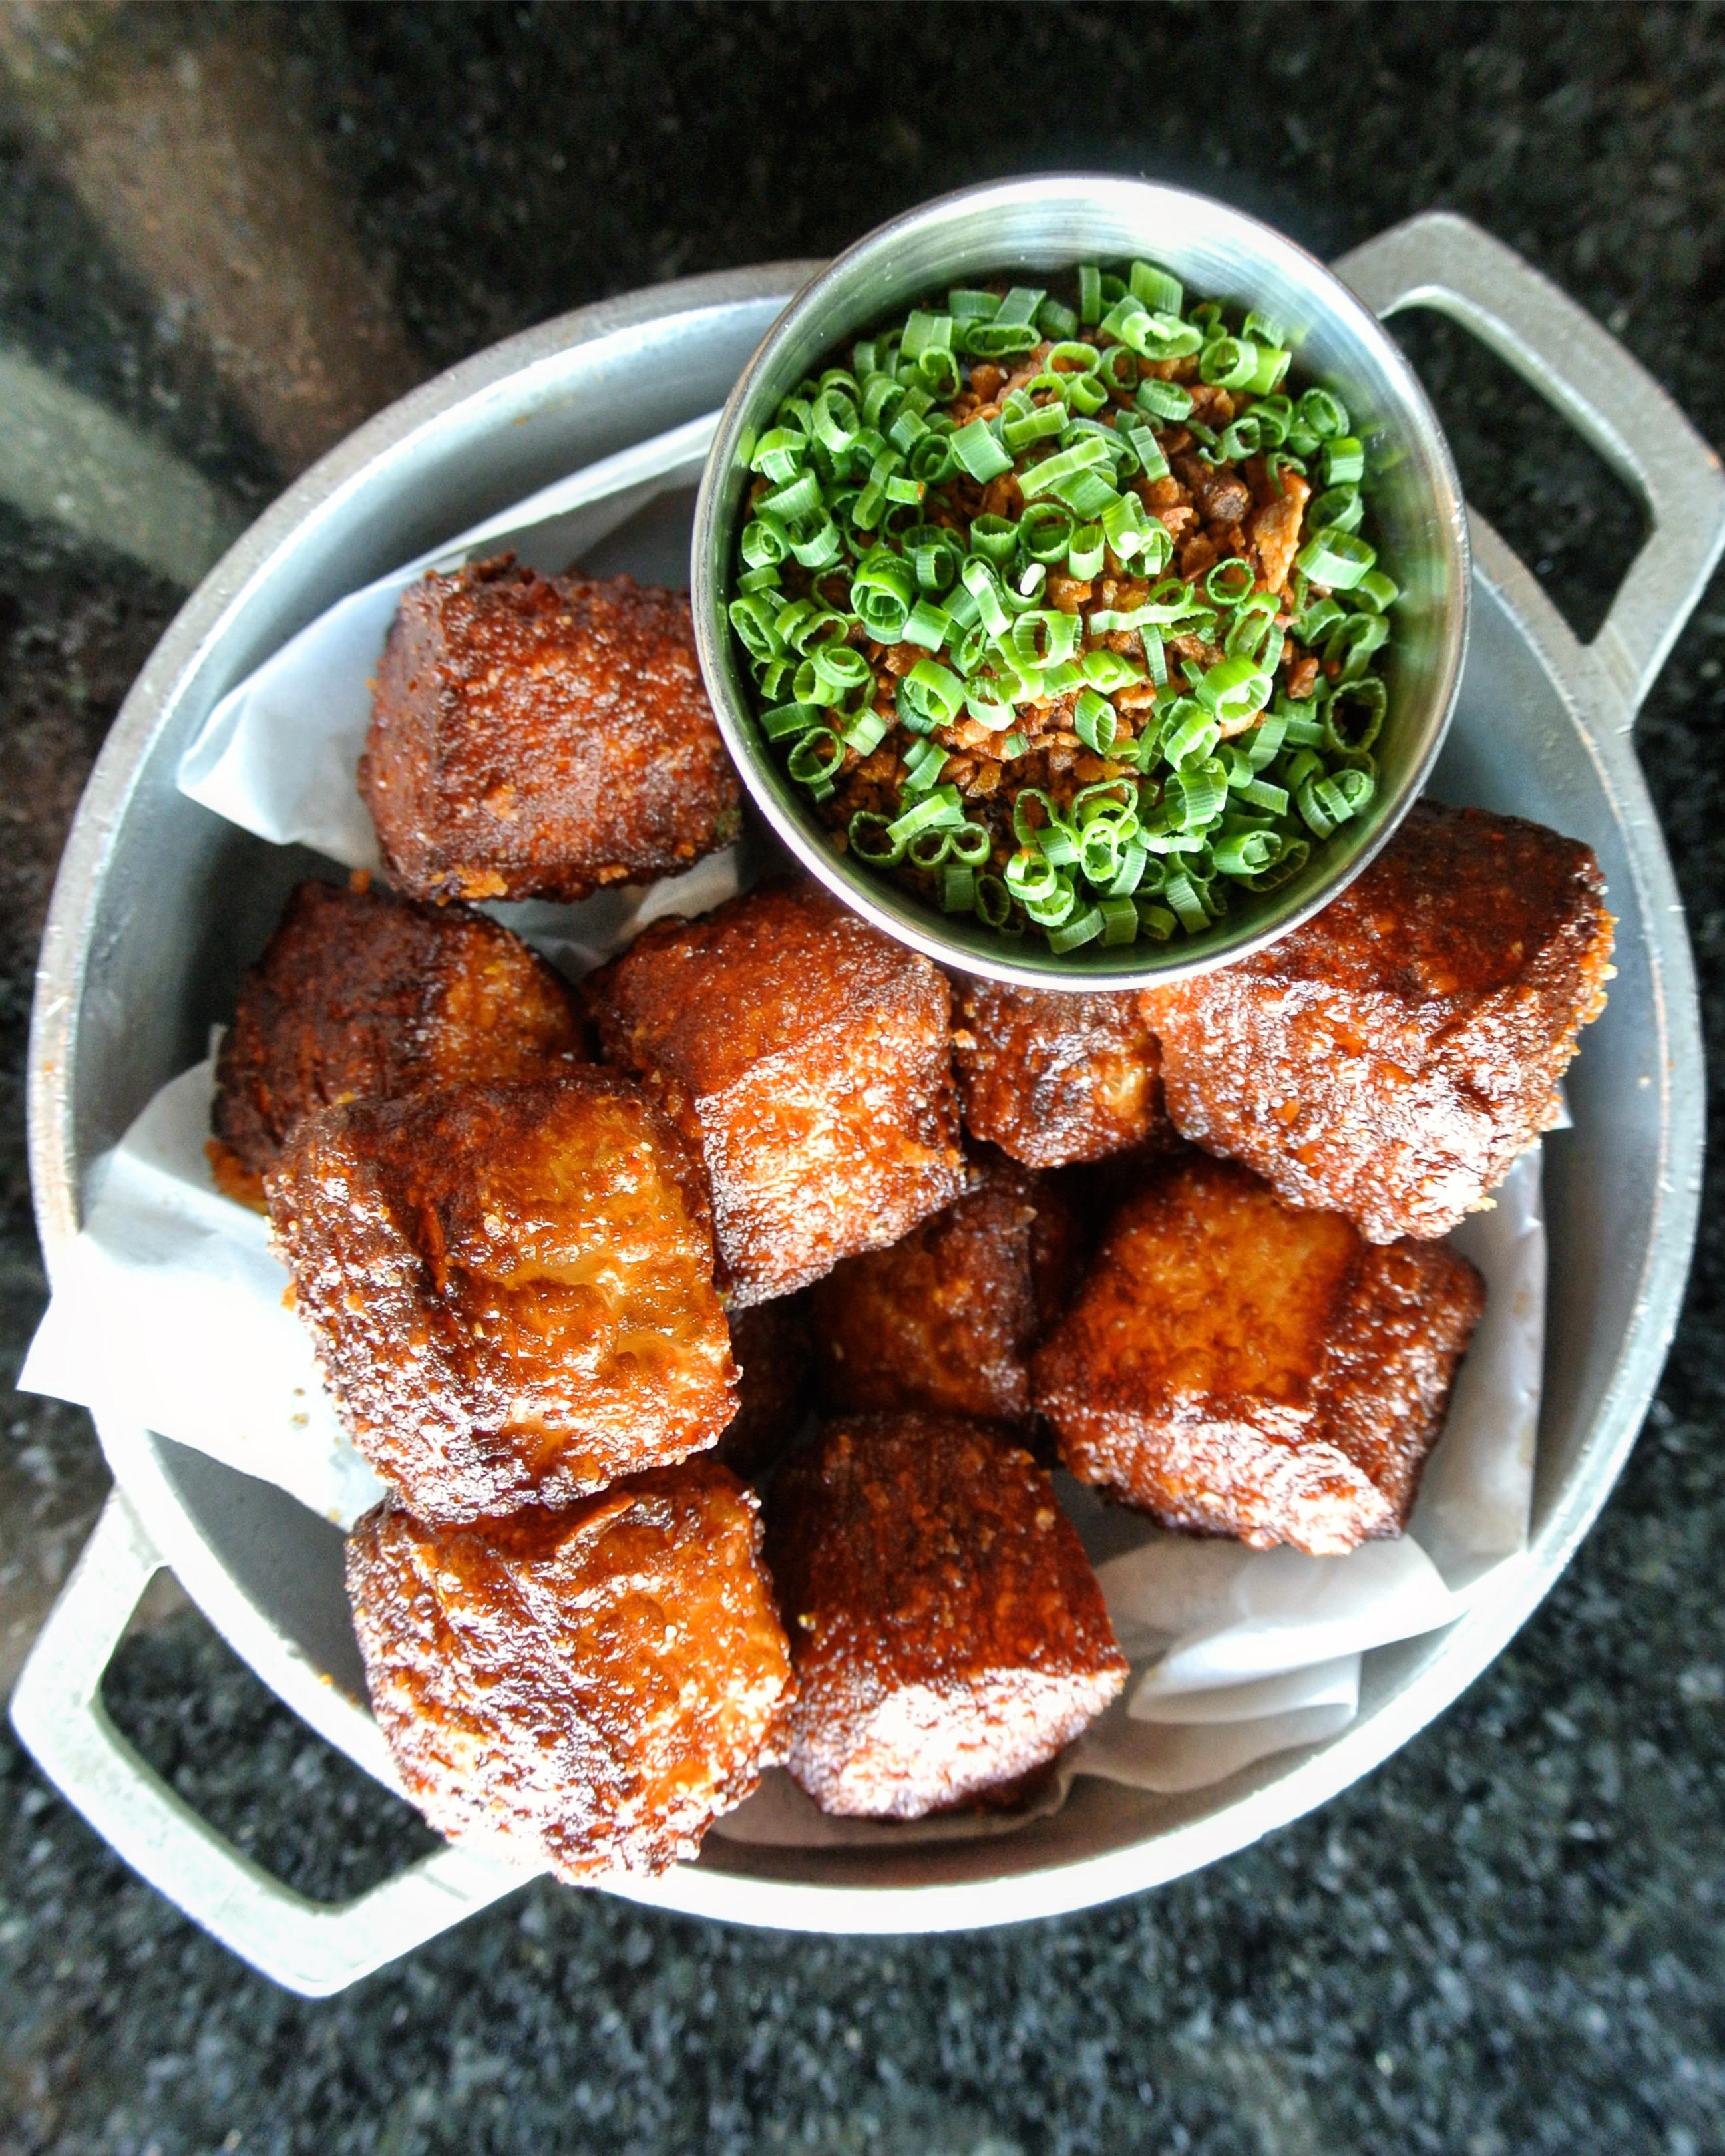 Queso frito shoma bazaar vendor